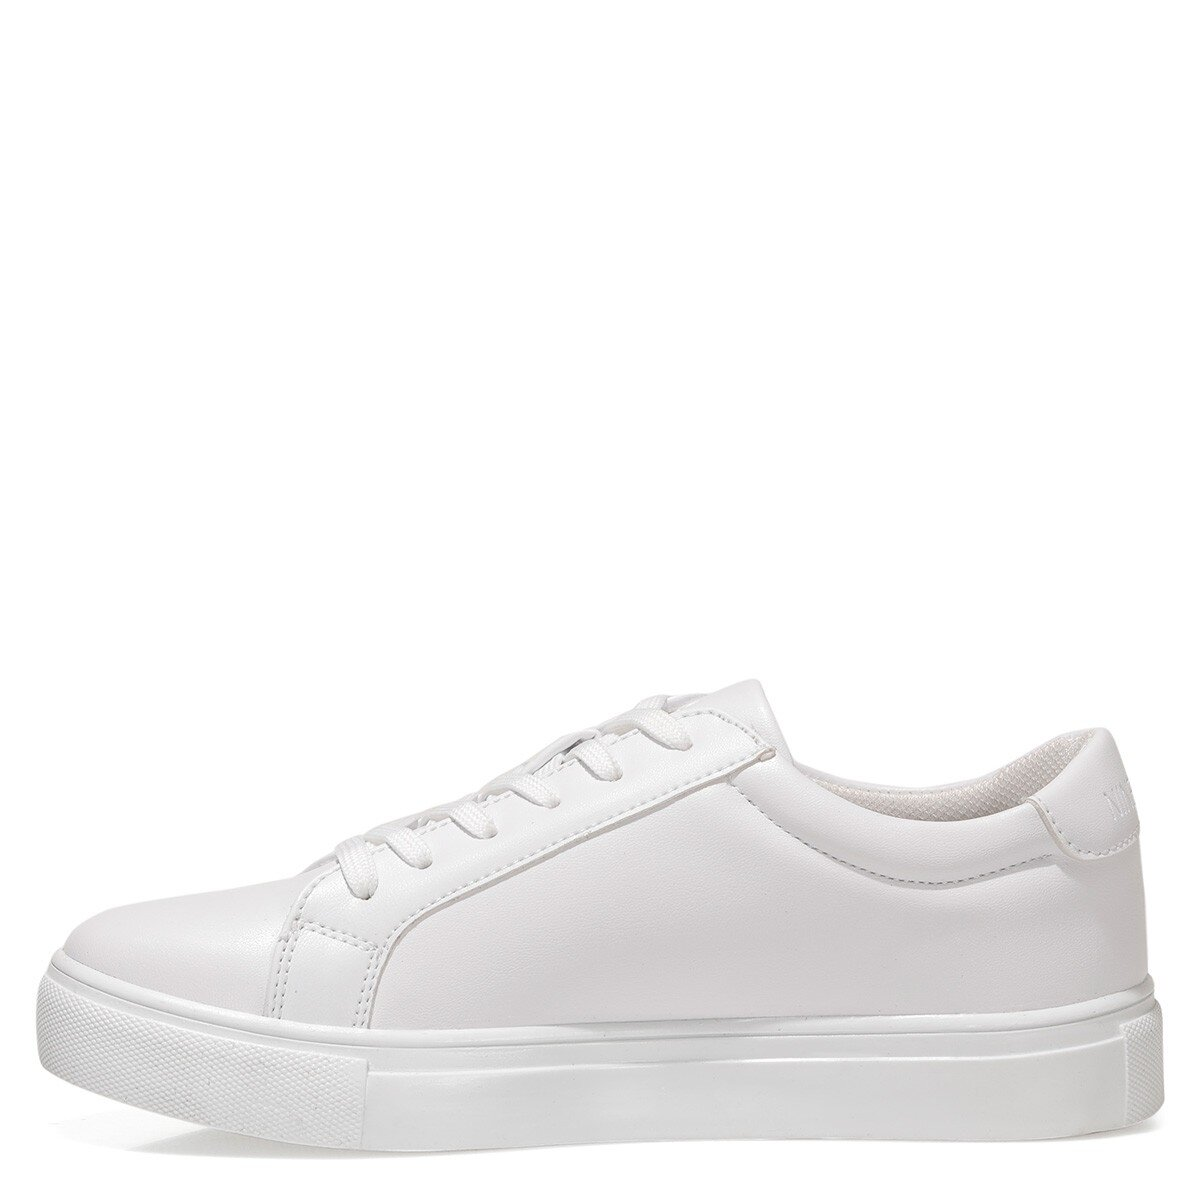 AMELIA2 1FX Beyaz Kadın Spor Ayakkabı